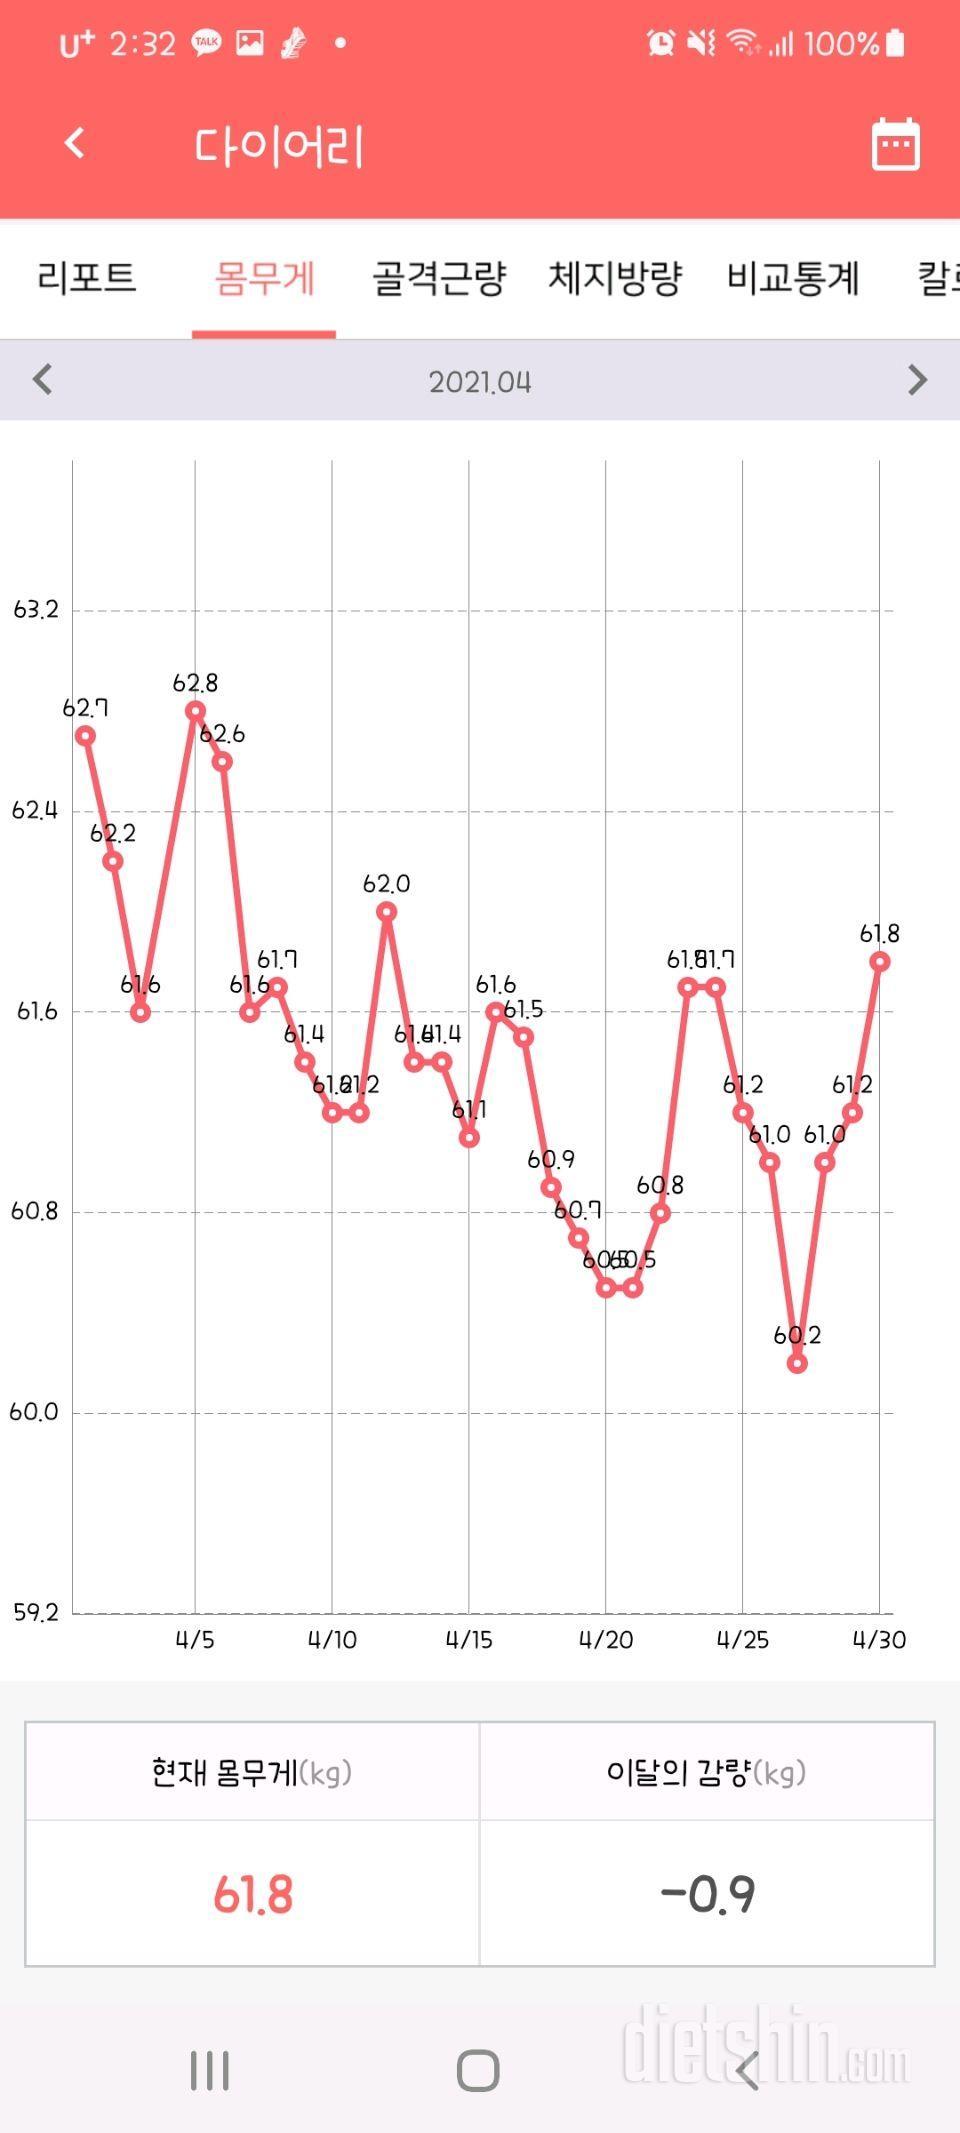 3달 운동한거 그래프를 이제서야 봤는데